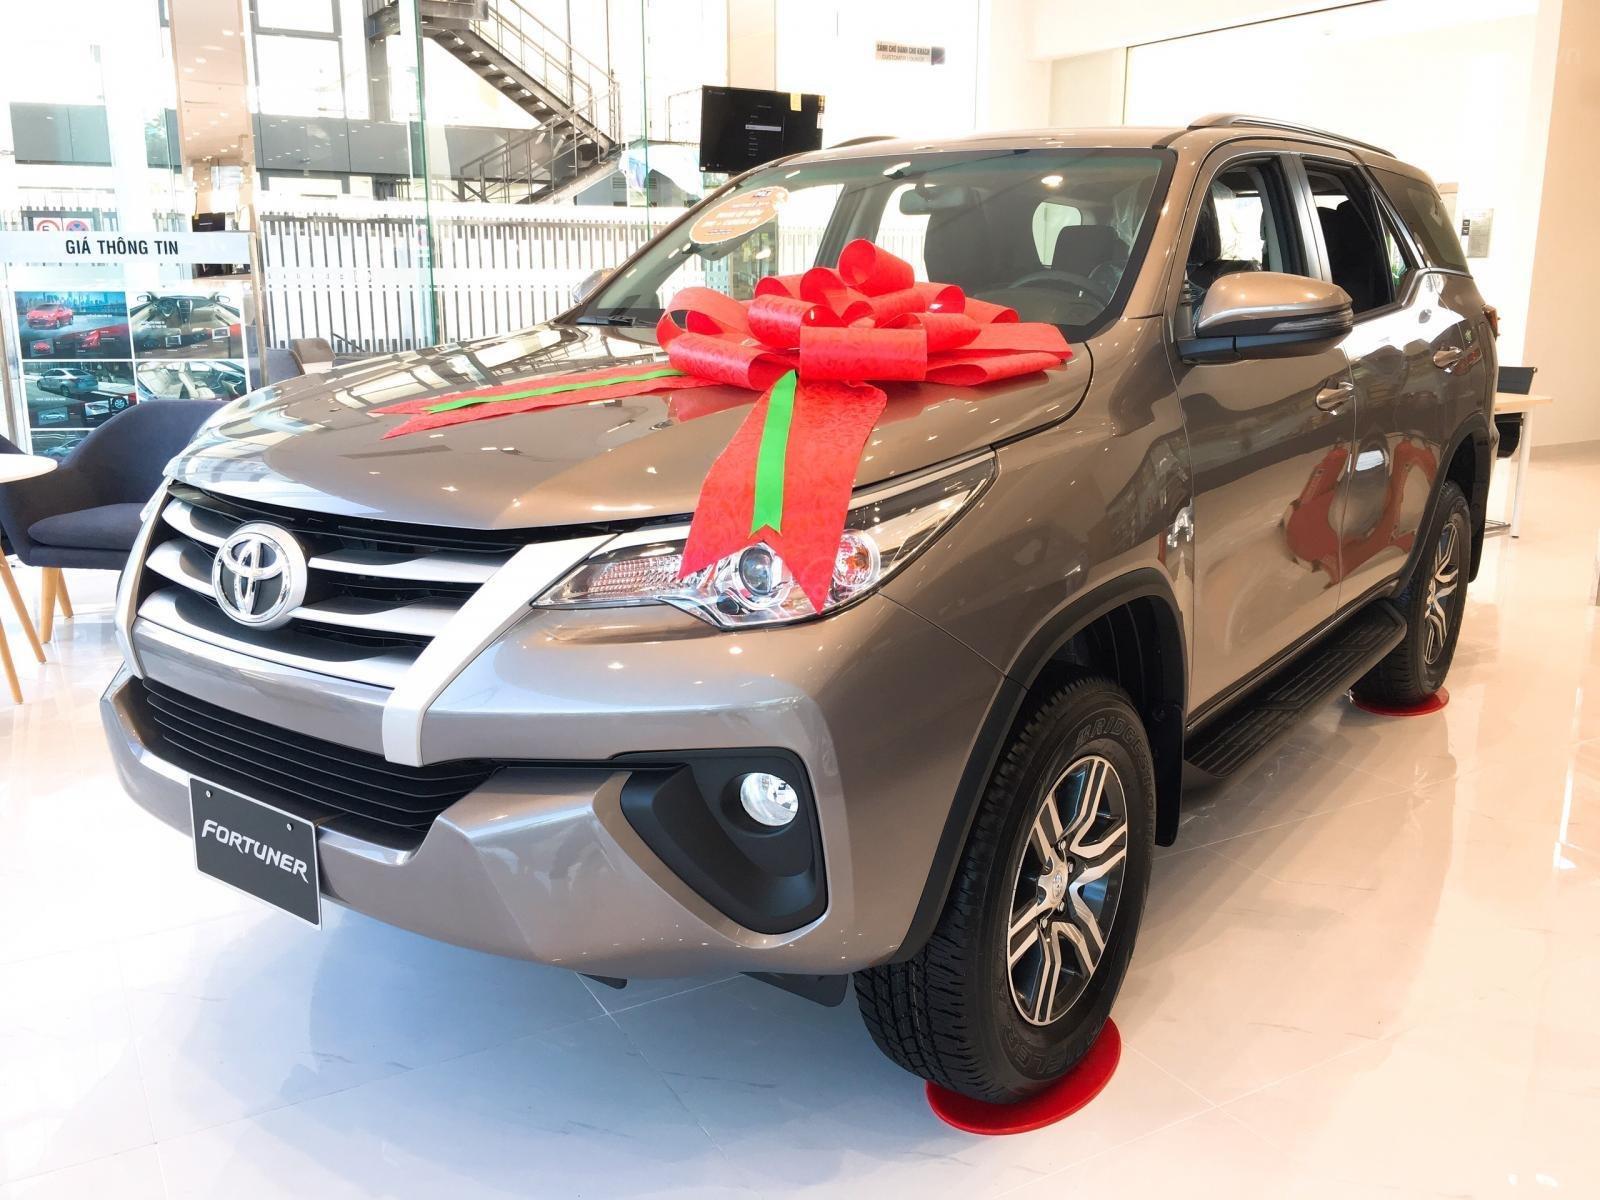 Toyota Fortuner 2.4G máy dầu, số sàn, màu đồng ánh kim, giá chỉ 998 triệu (2)